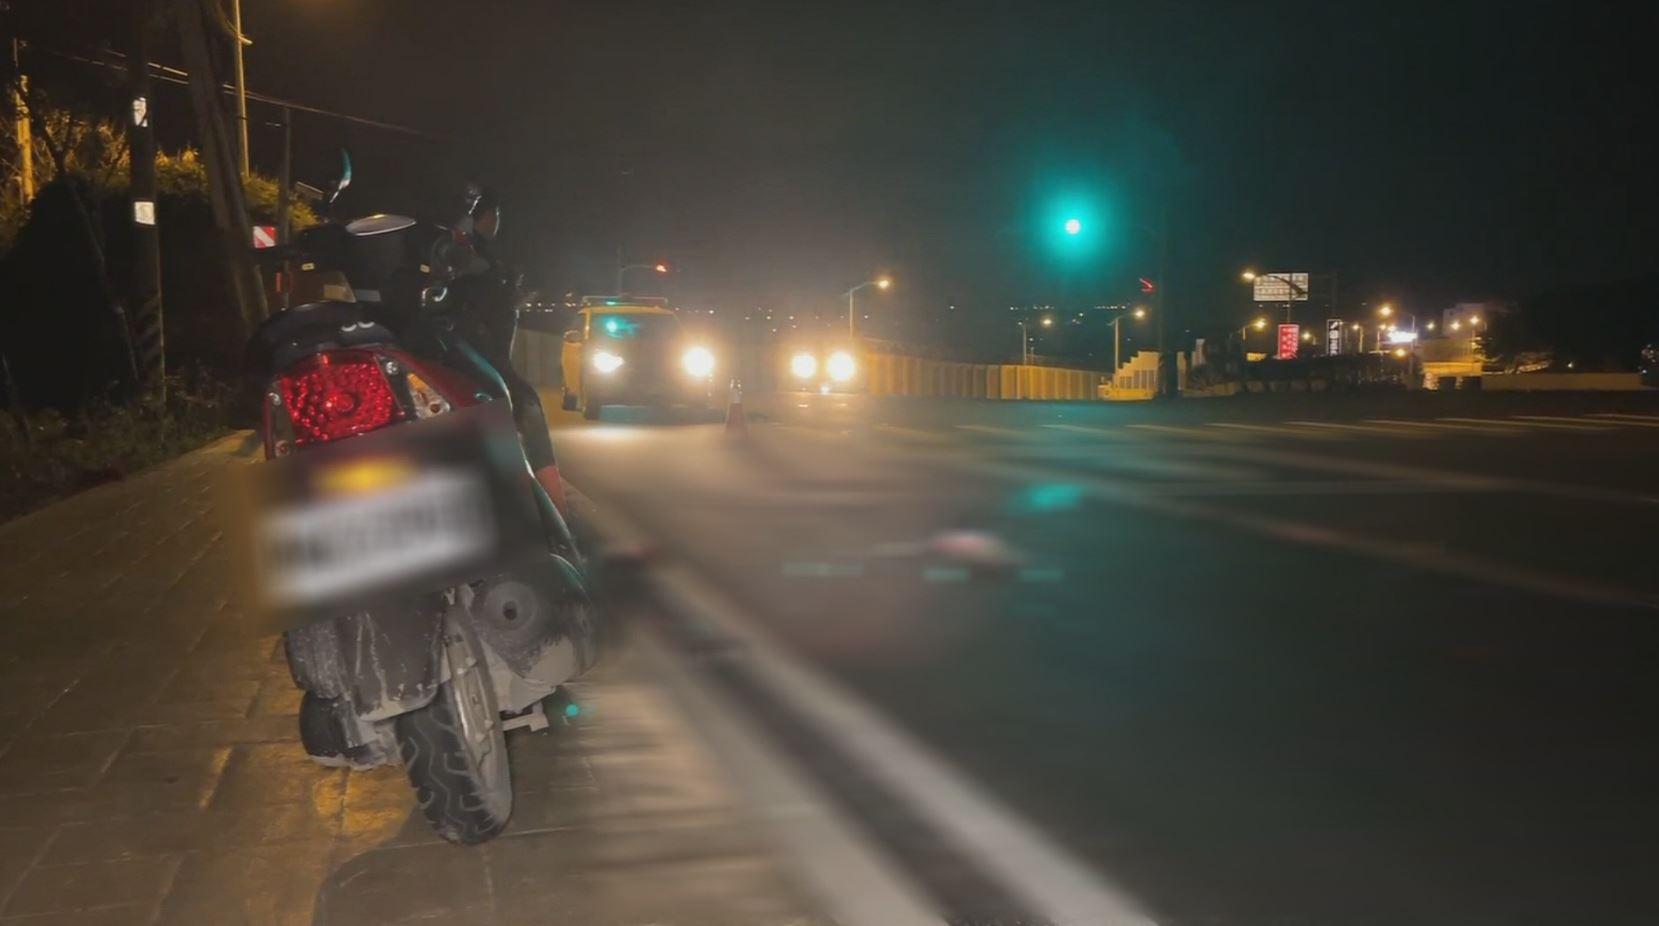 花蓮死亡車禍! 翁駕照遭吊銷仍上路 自撞休旅車噴飛亡